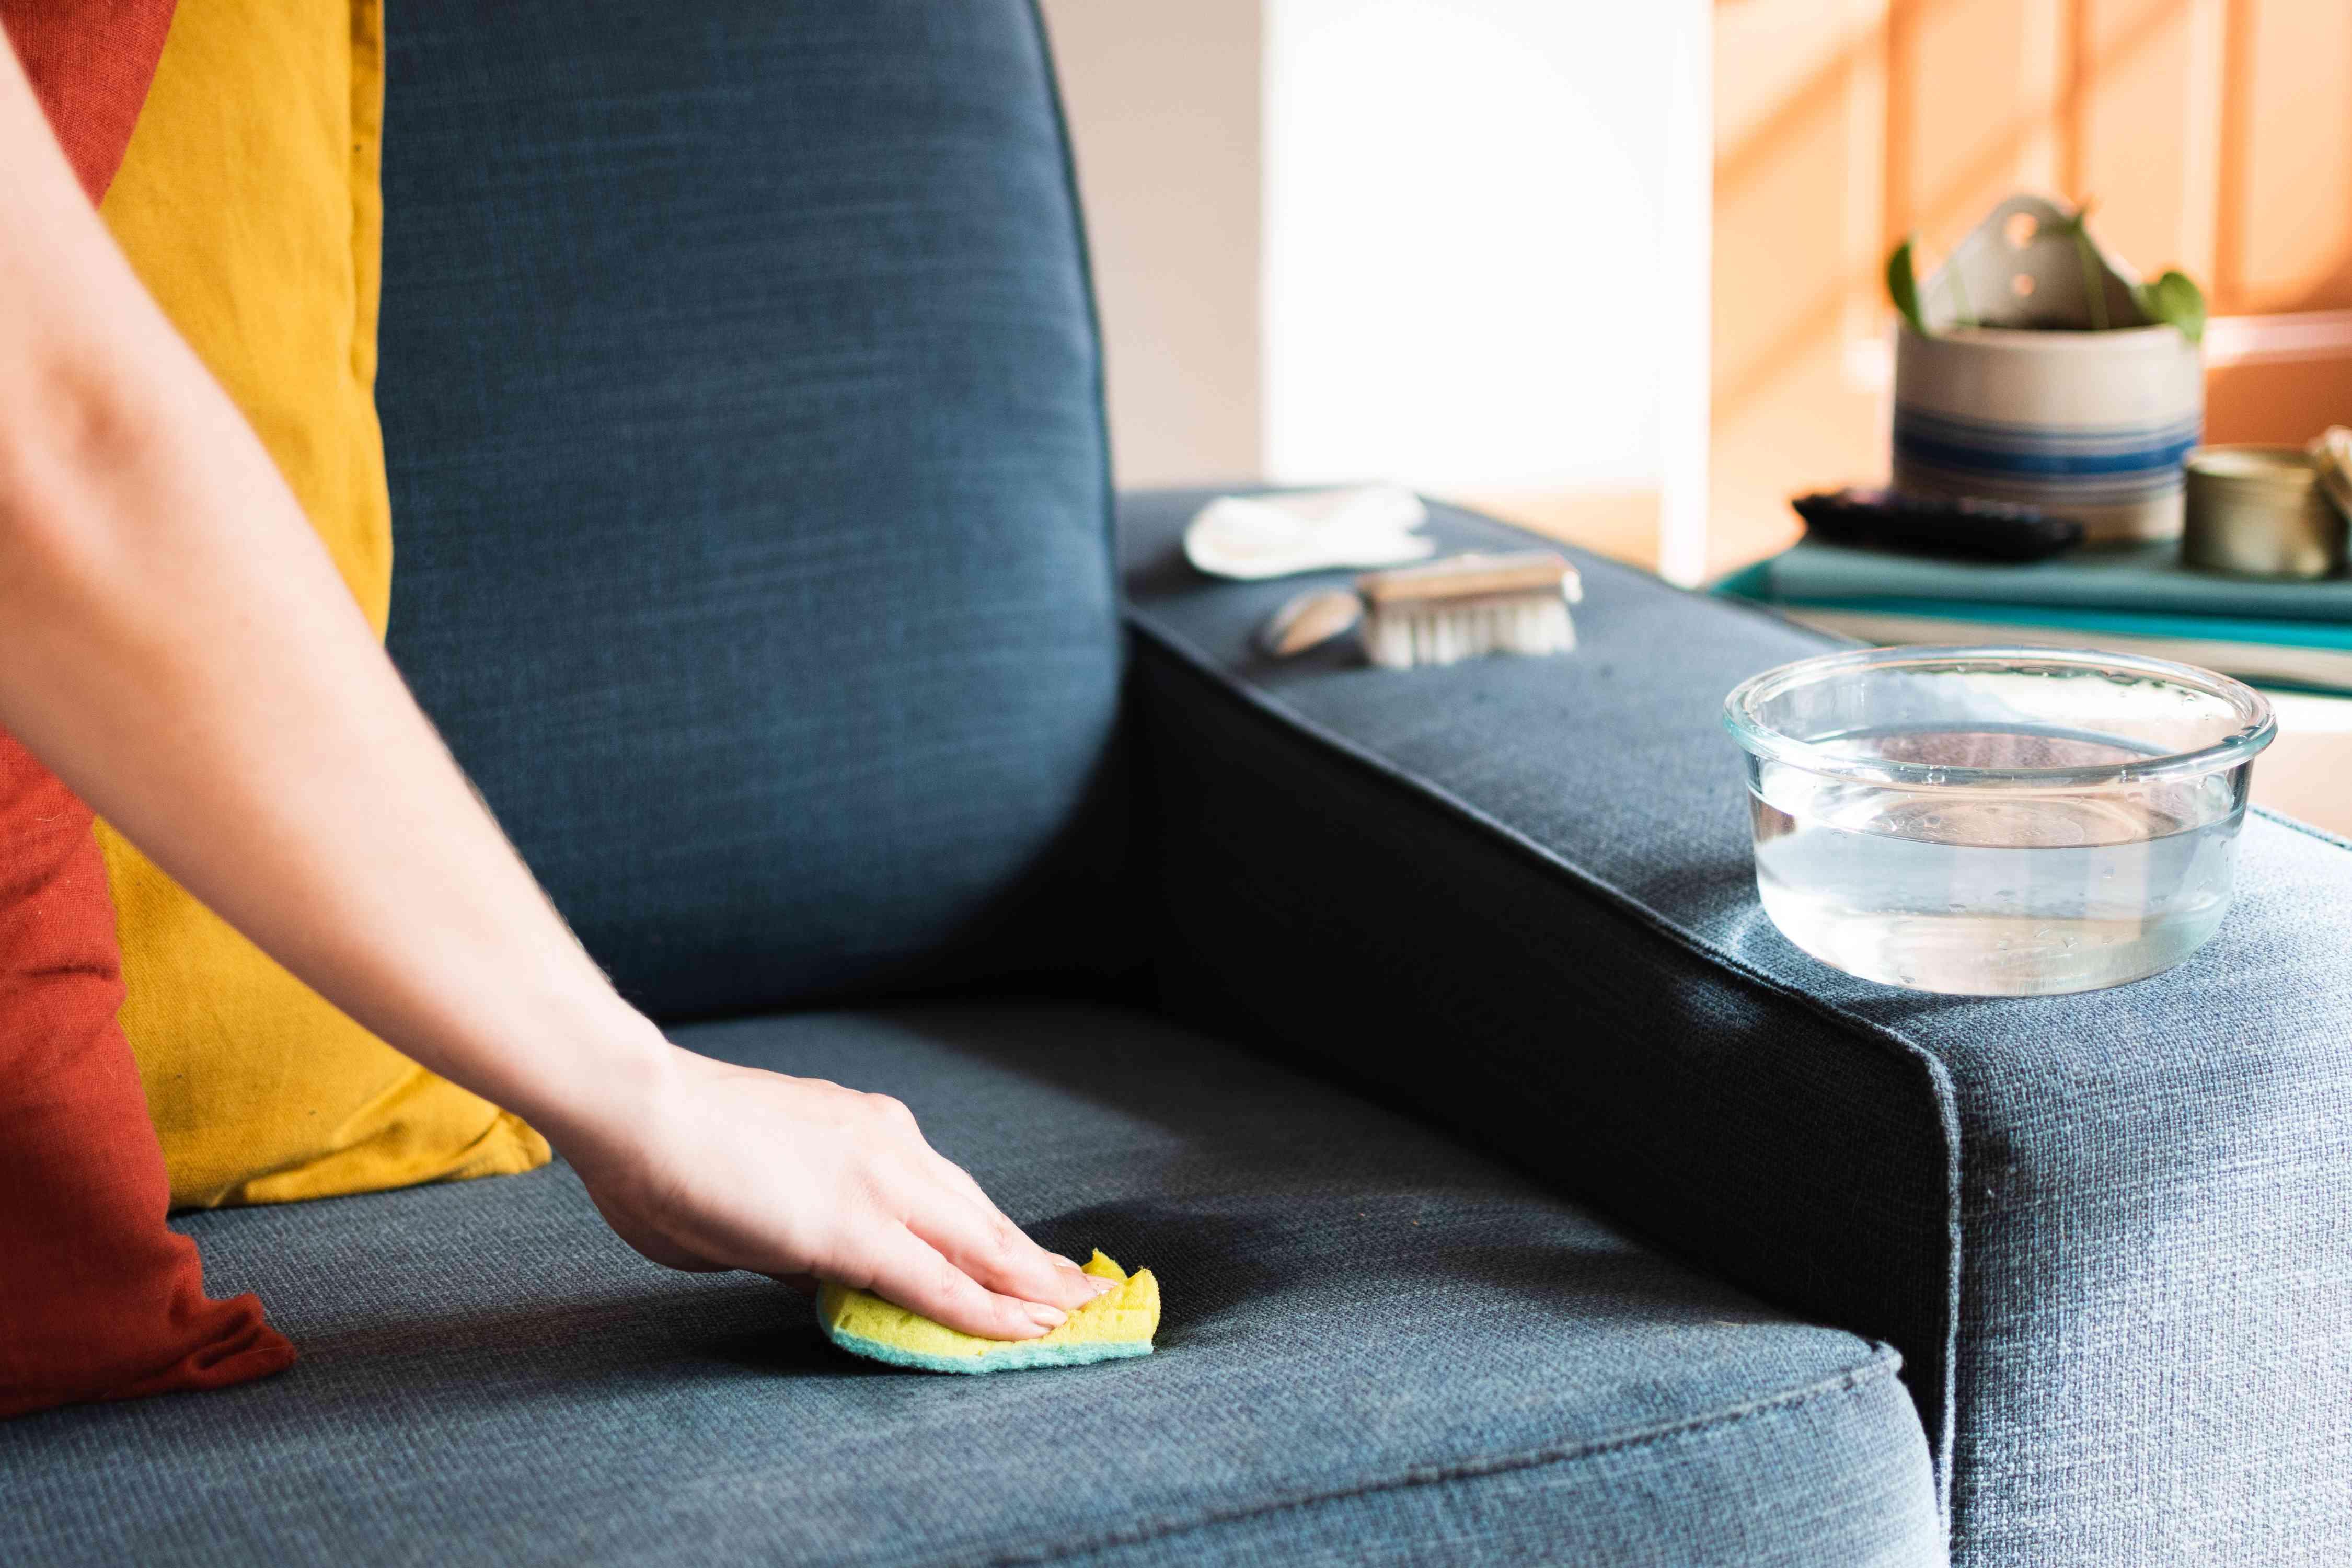 Bọt biển thấm vết bẩn trên ghế dài bọc nệm bằng bát thủy tinh và nước trong trên bệ tỳ tay